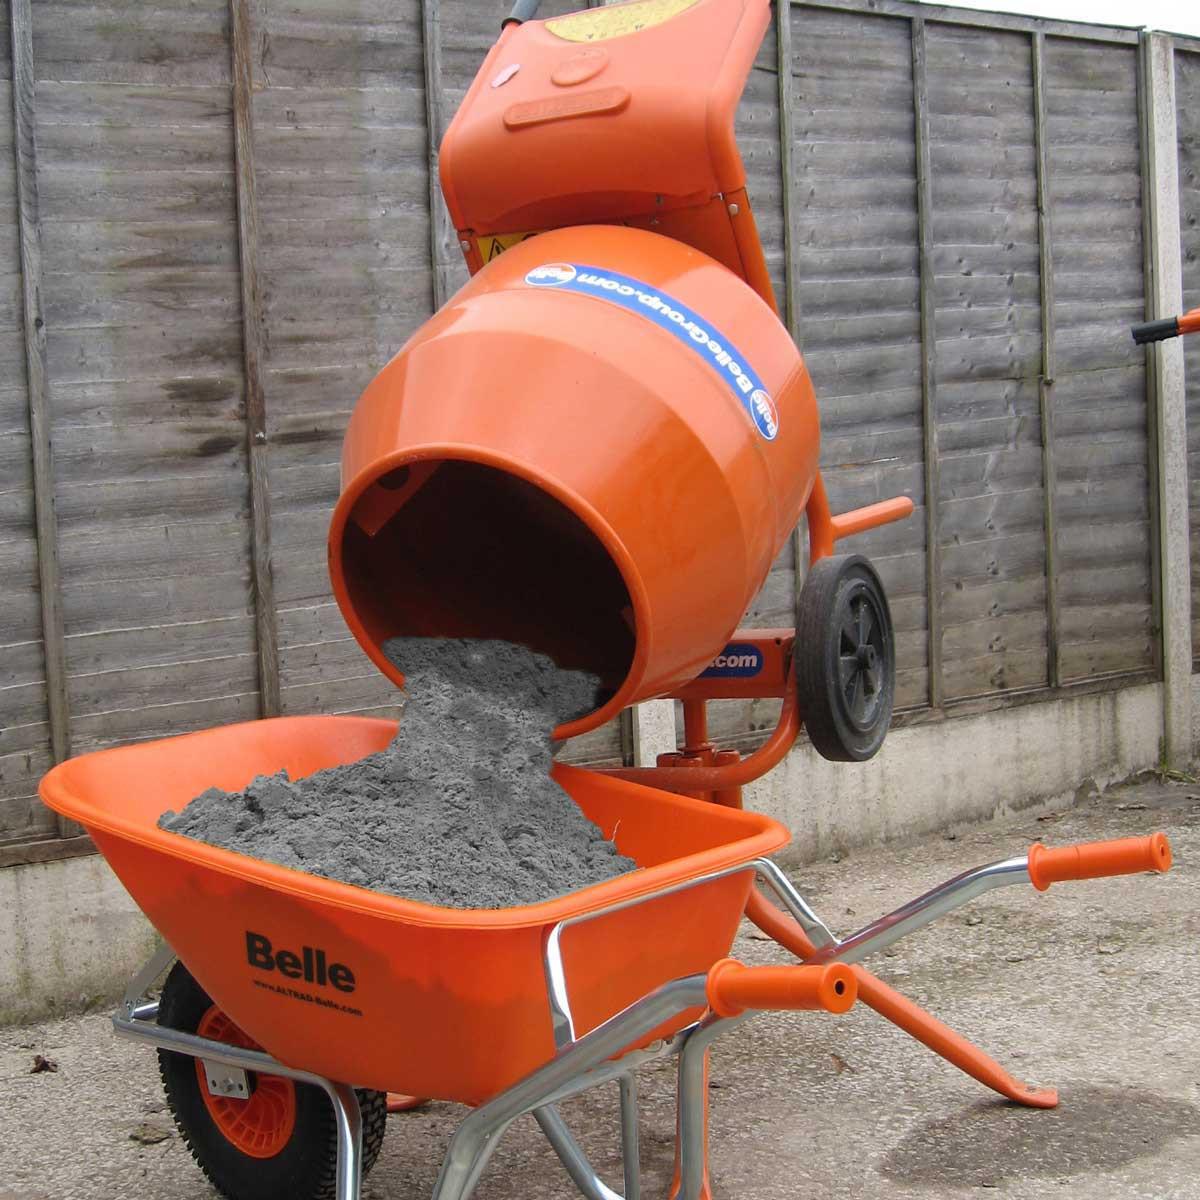 Altrad Belle Minimix Concrete dump